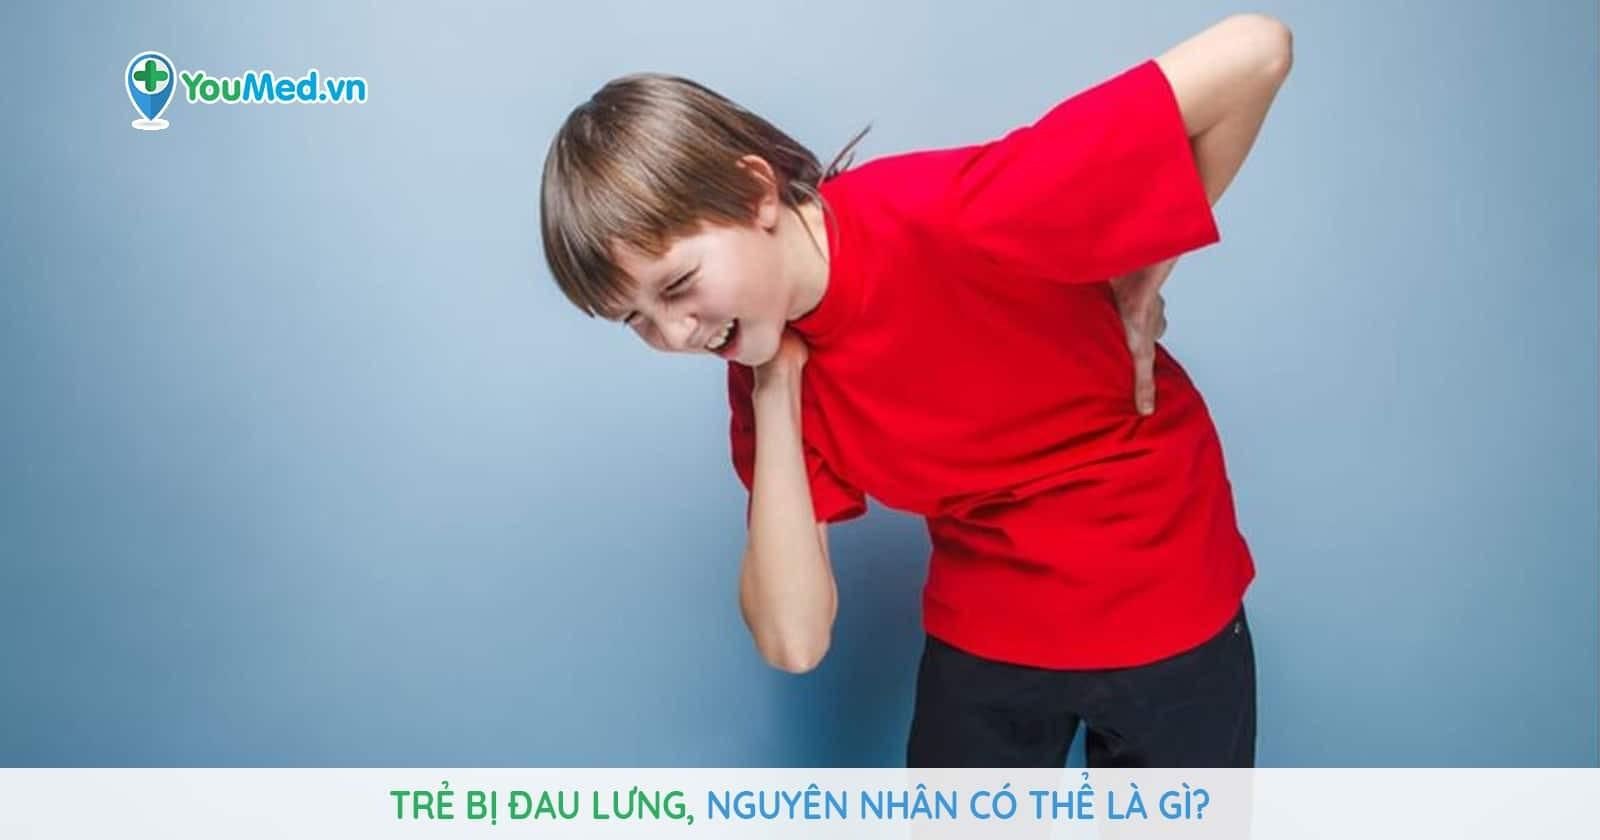 Trẻ bị đau lưng, nguyên nhân có thể là gì?